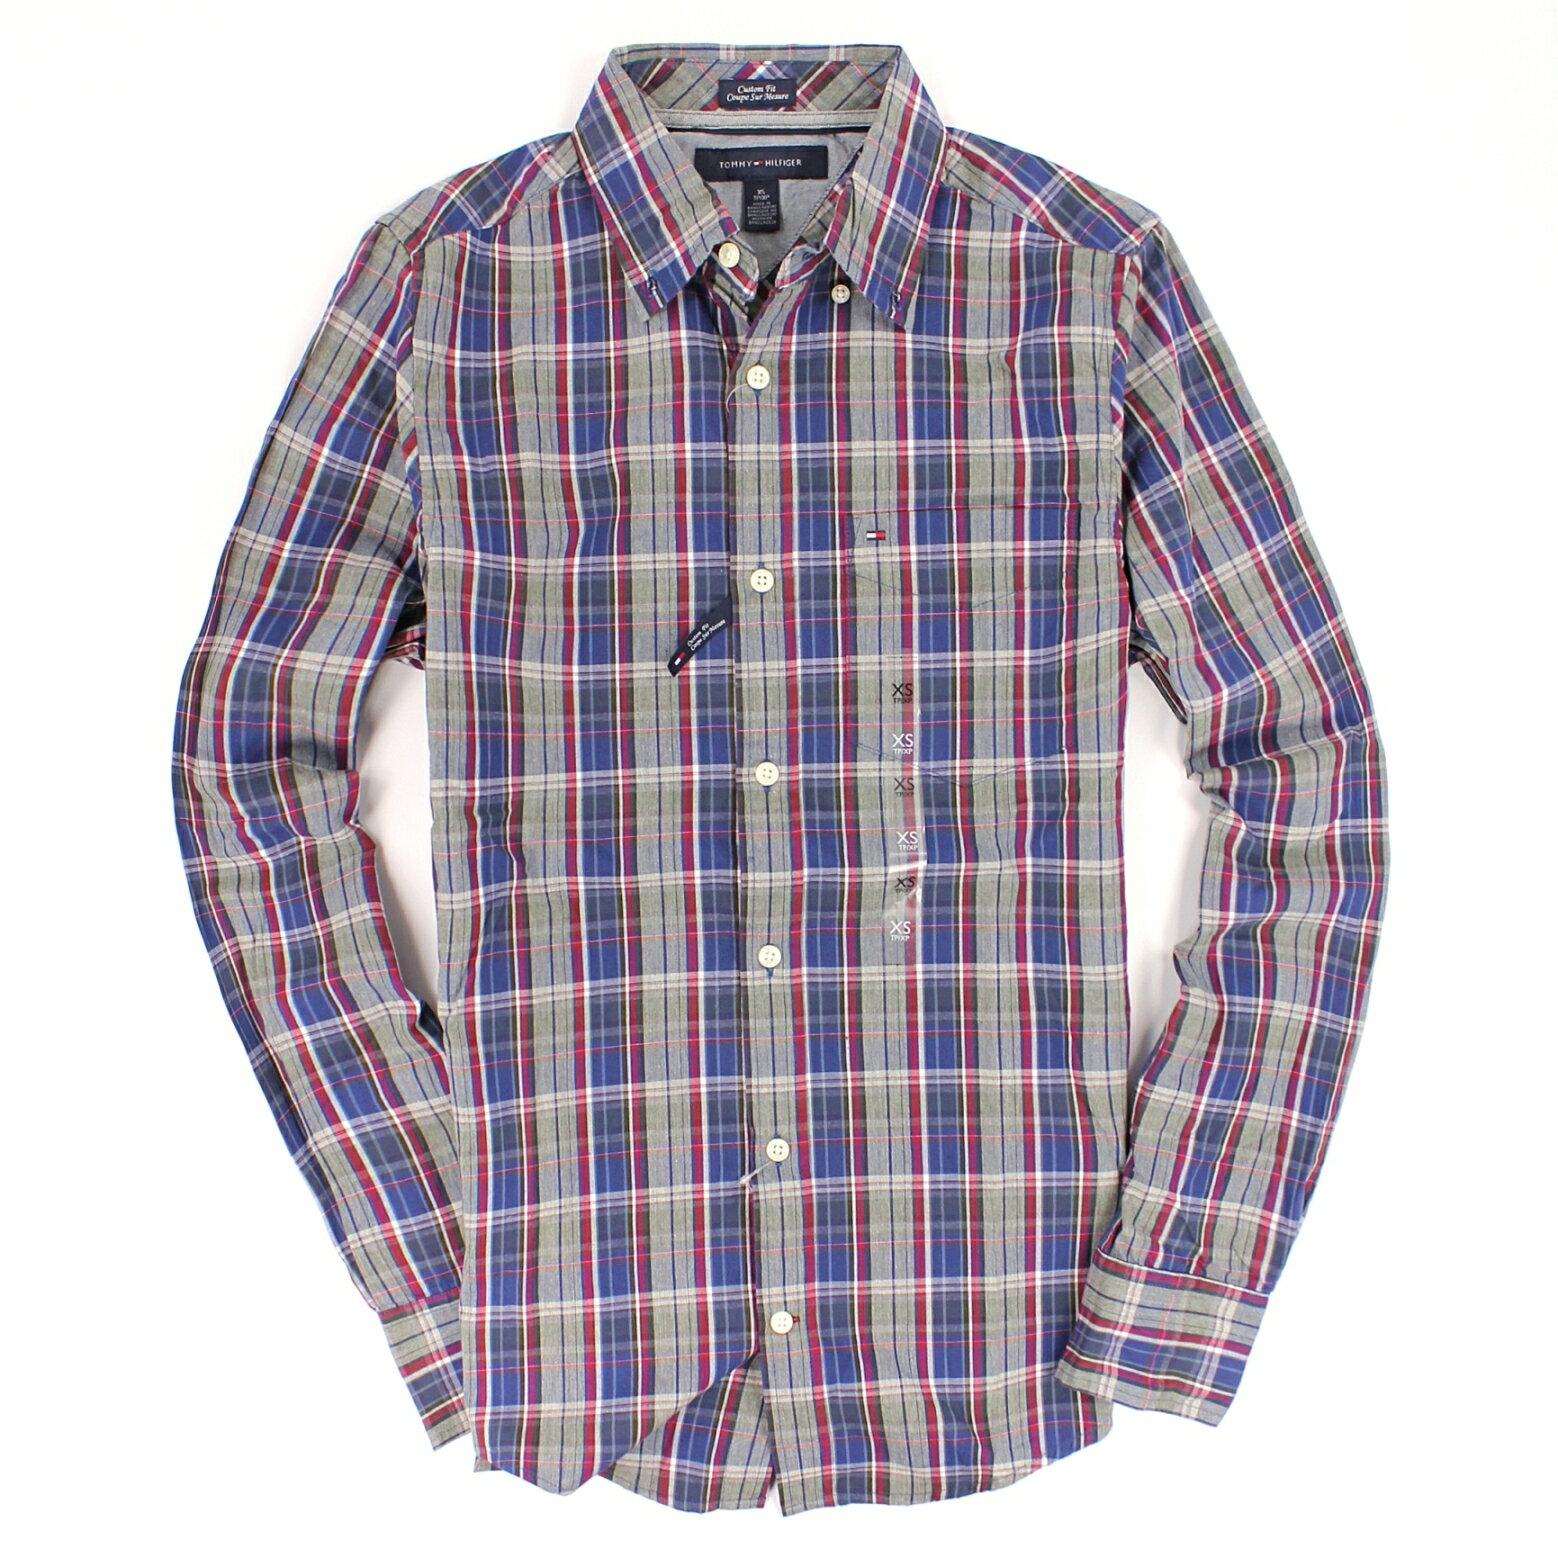 美國百分百【全新真品】Tommy Hilfiger 襯衫 TH 長袖 上衣 藍灰 格紋 純棉 口袋 休閒 男衣 XXS號